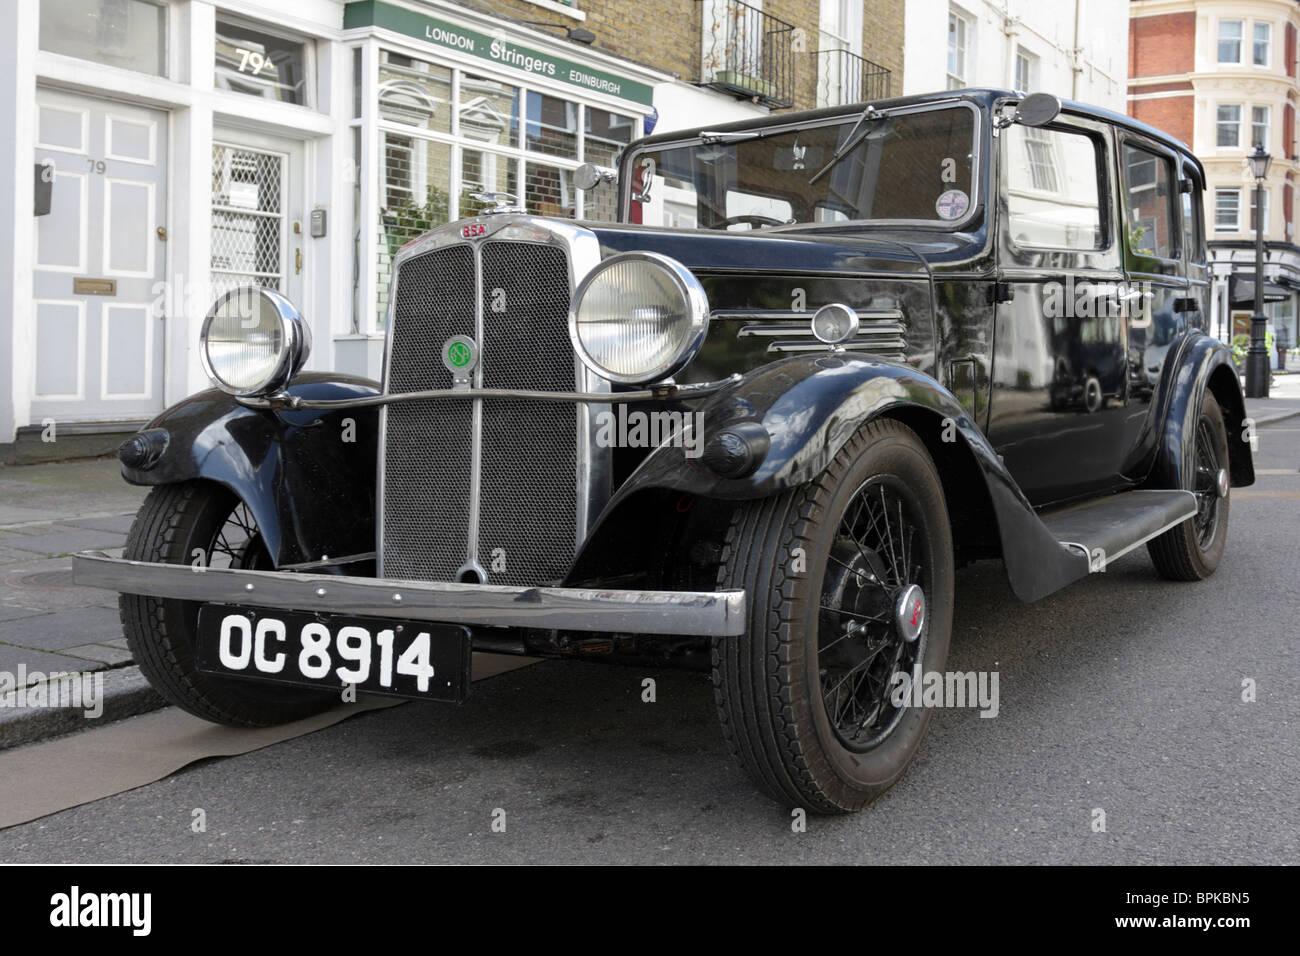 Einen großen britischen Oldtimer parkten die BSA-10 in York Street während vor Ort für eine Filmproduktion Stockbild